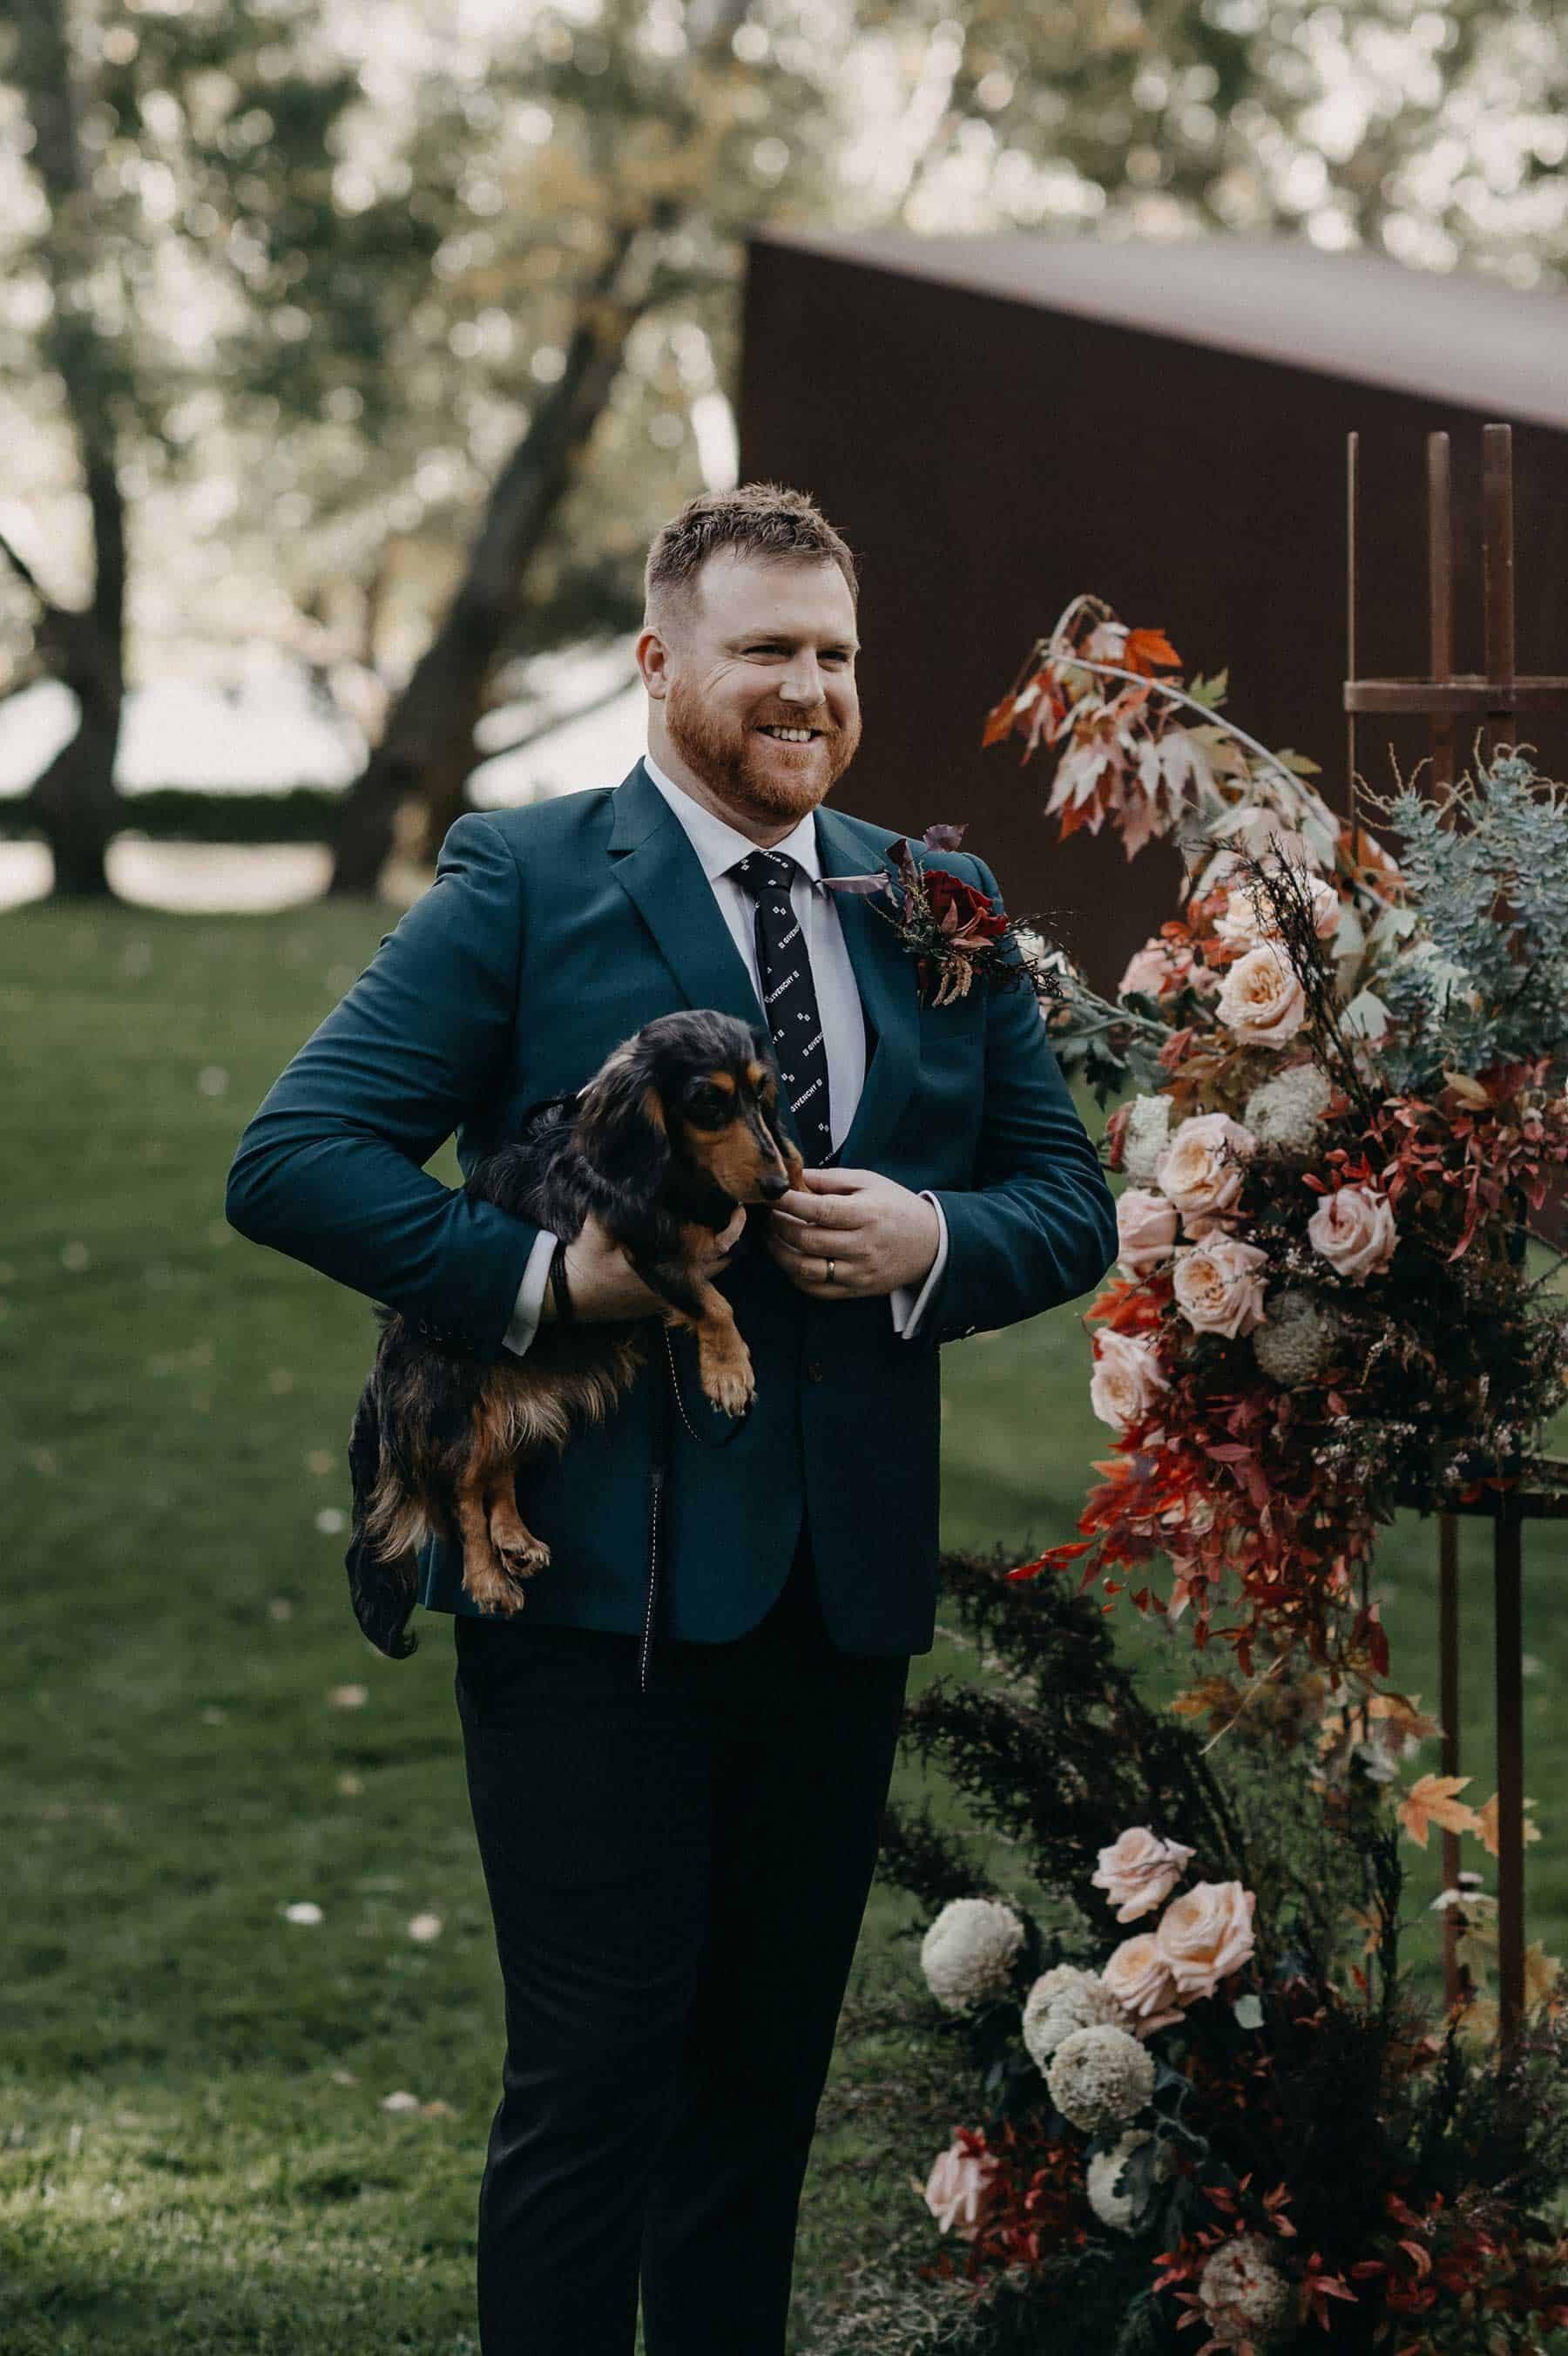 groom with daschund